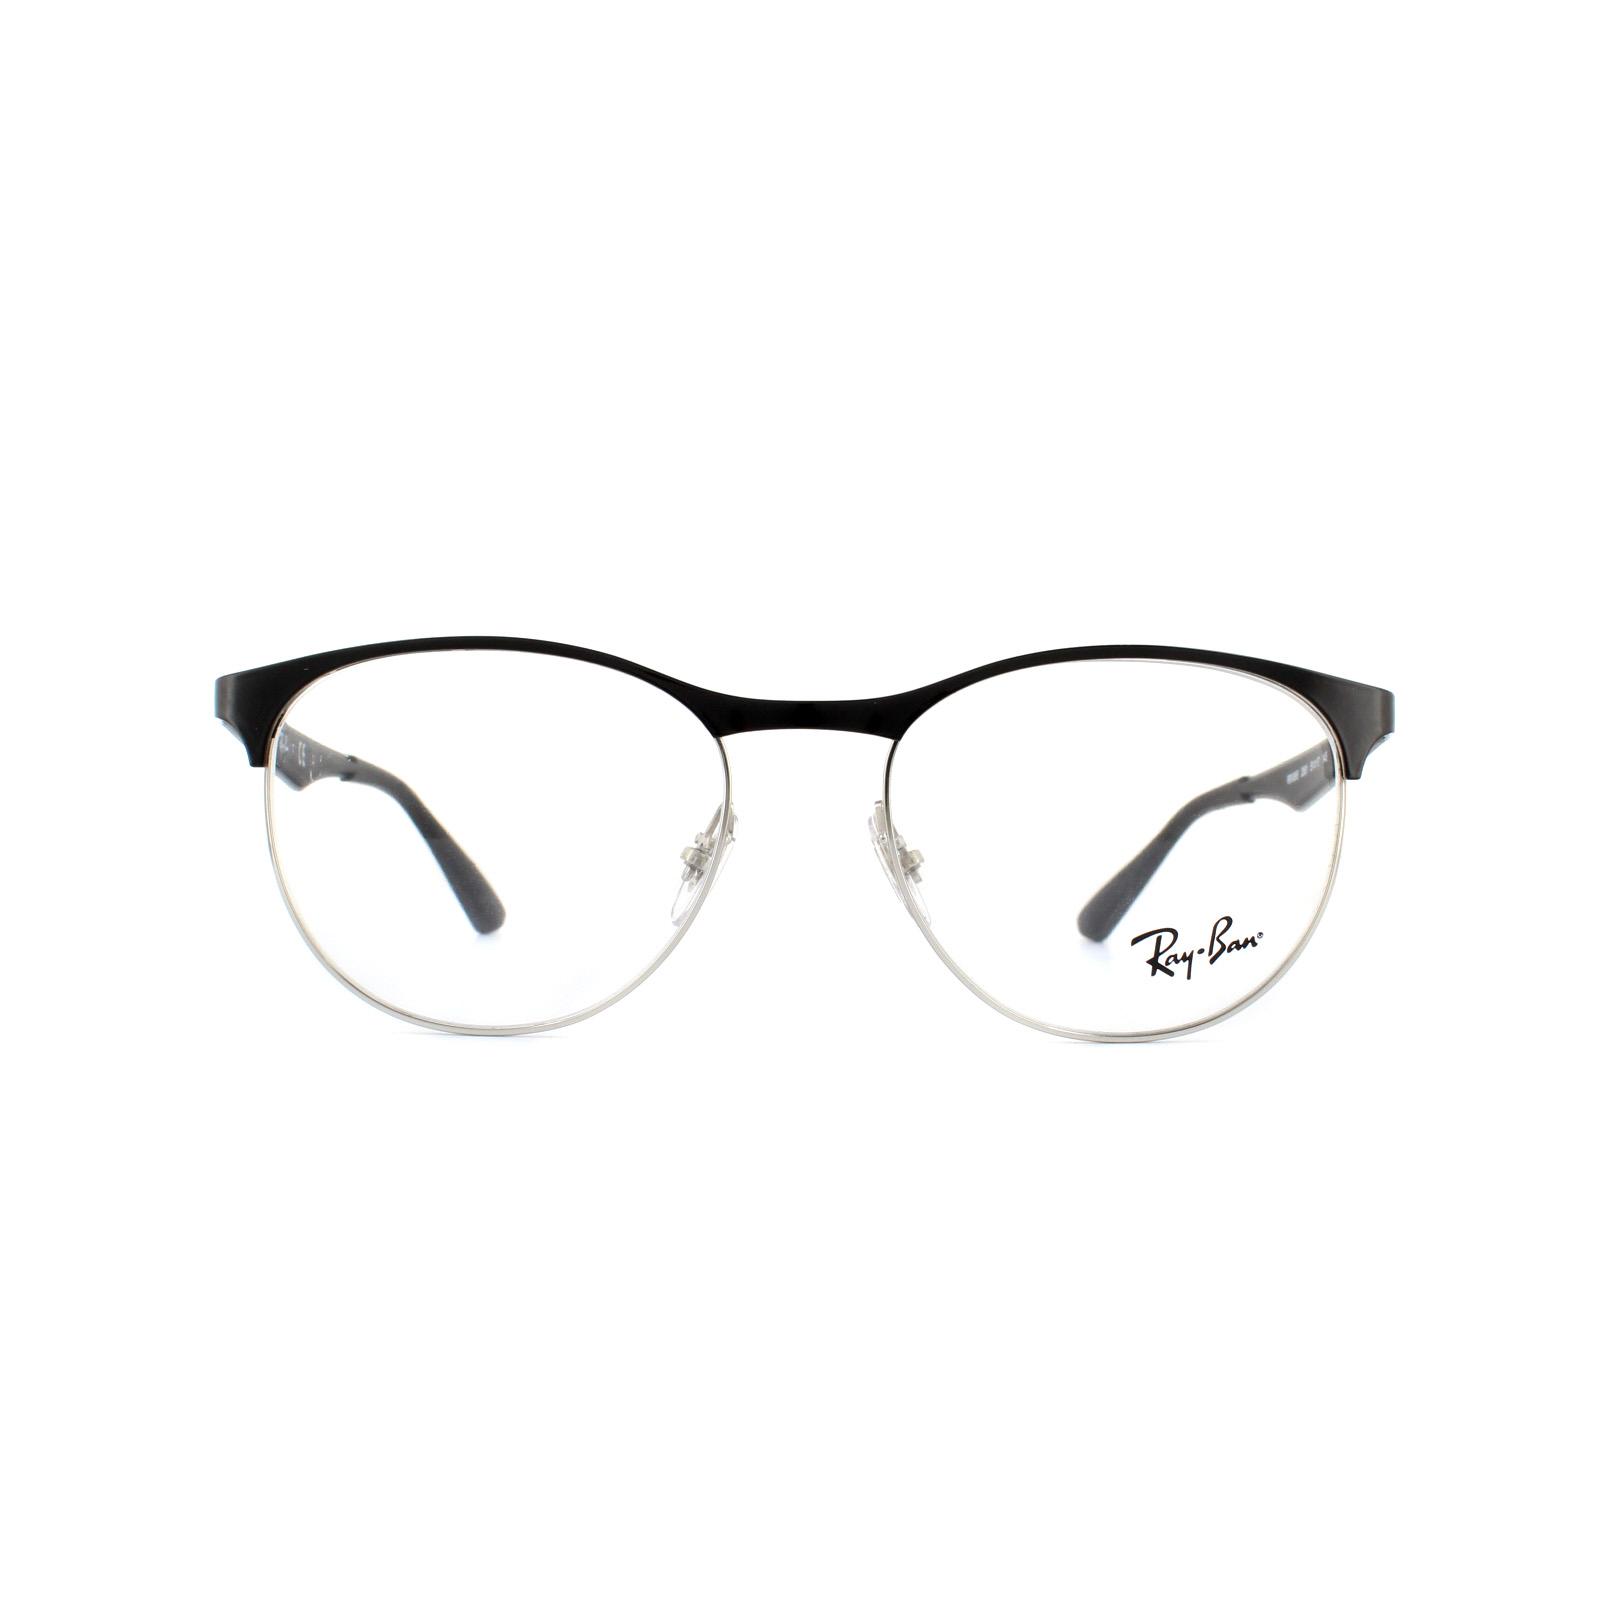 9e025b446f0 Ray-Ban Glasses Frames 6365 2861 BlackSilver 51mm 8053672602678